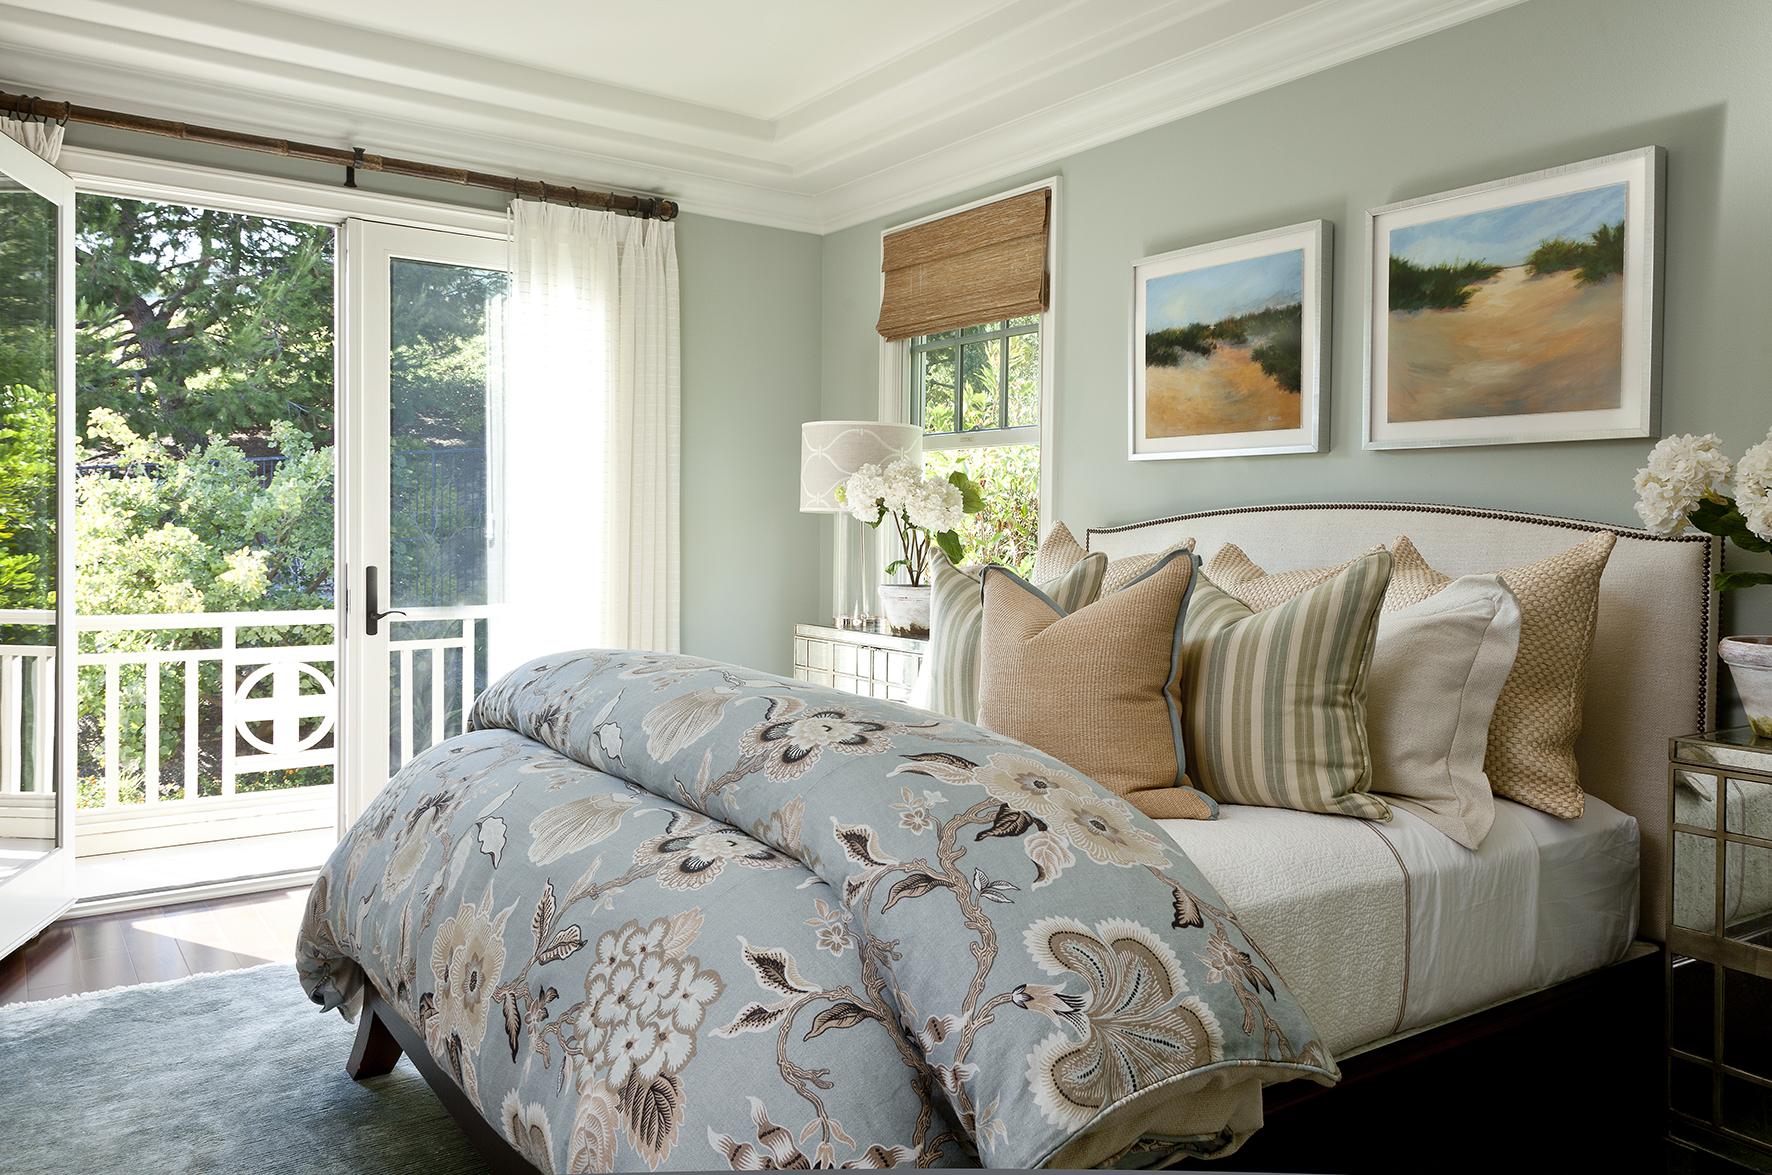 Master Bedroom Colors Benjamin Moore Newport Beach Magazine Room Reinvented Newport Beach Magazine